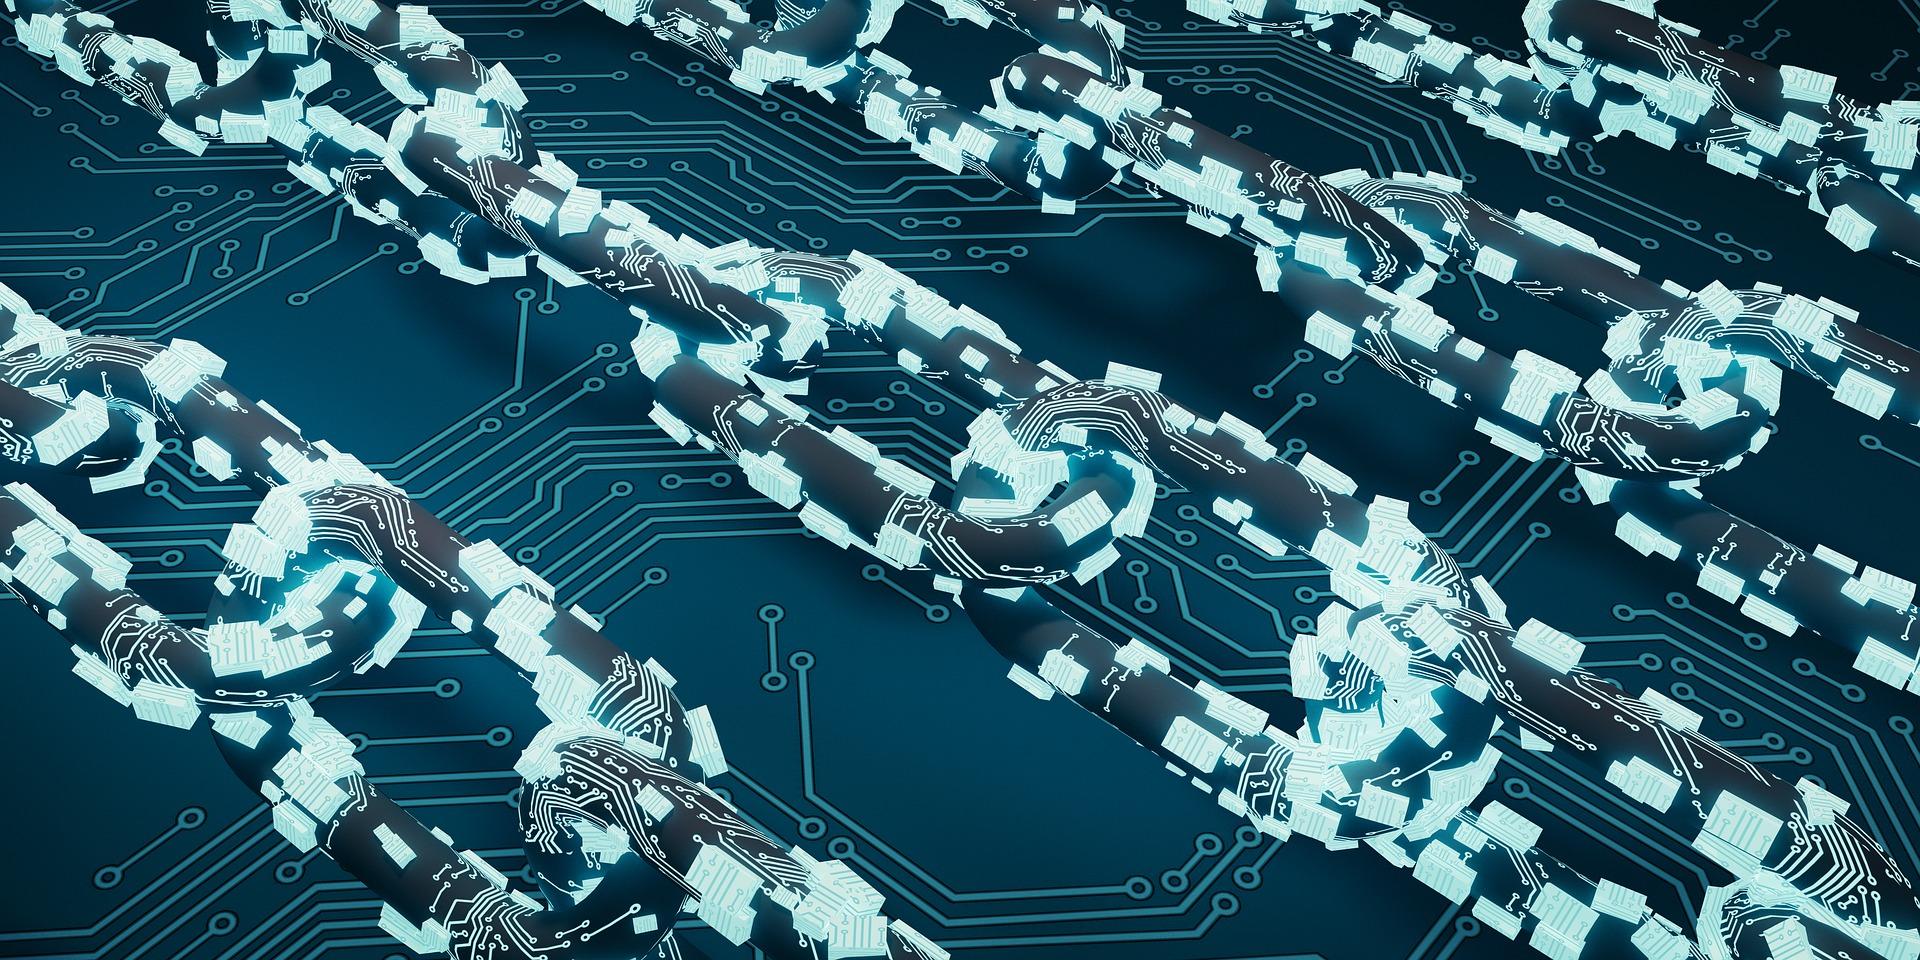 凯伯网络 (Kyber Network) 的 Katalyst 和 KyberDAO 将于2020年7月7日上线 0001